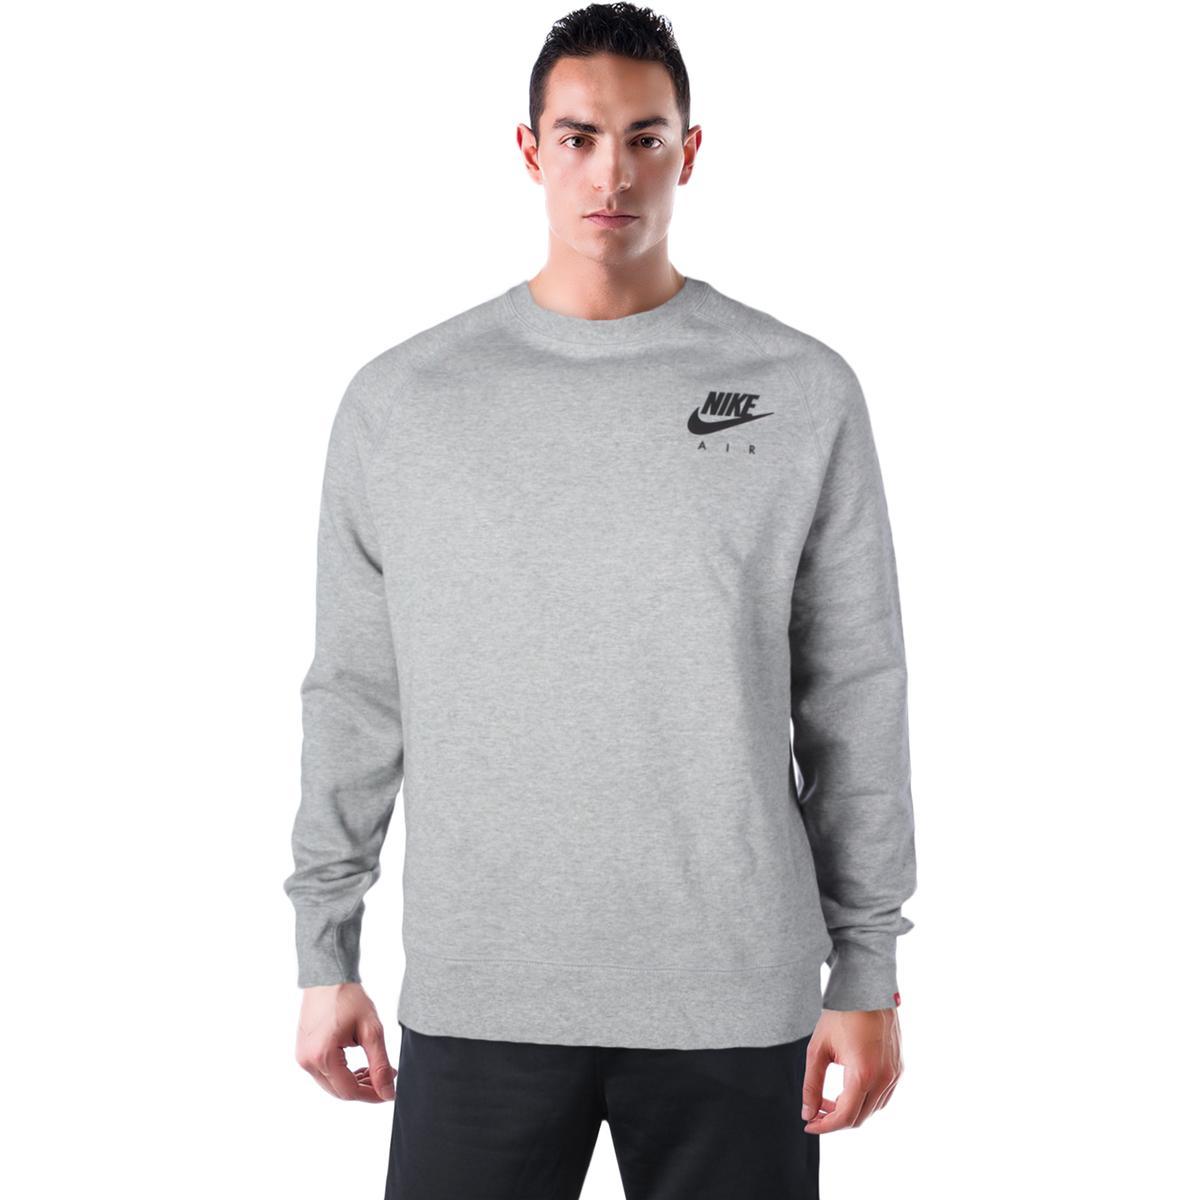 987e2d65b880 Details about Nike Sportswear Men s Long Sleeve Crewneck Fleece Sweatshirt  Reflect